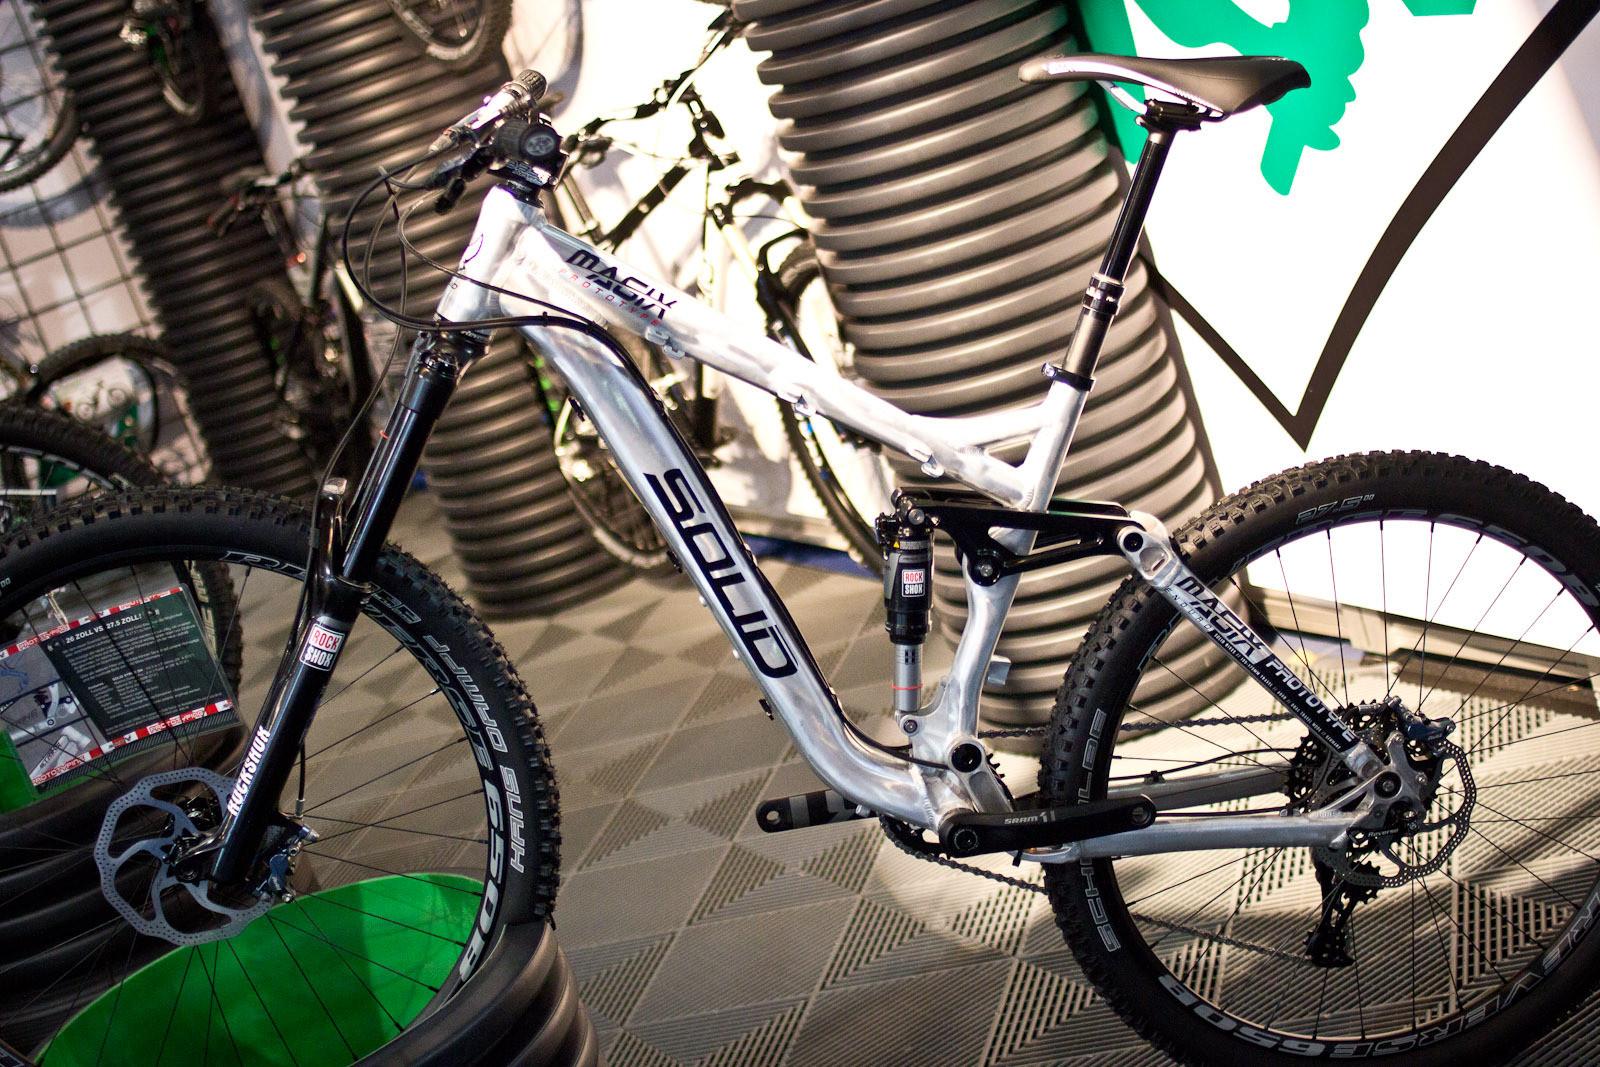 2014 Solid Magix Enduro Prototype - 2014 Trail, All-Mountain & Enduro Bikes at Eurobike 2013 - Mountain Biking Pictures - Vital MTB